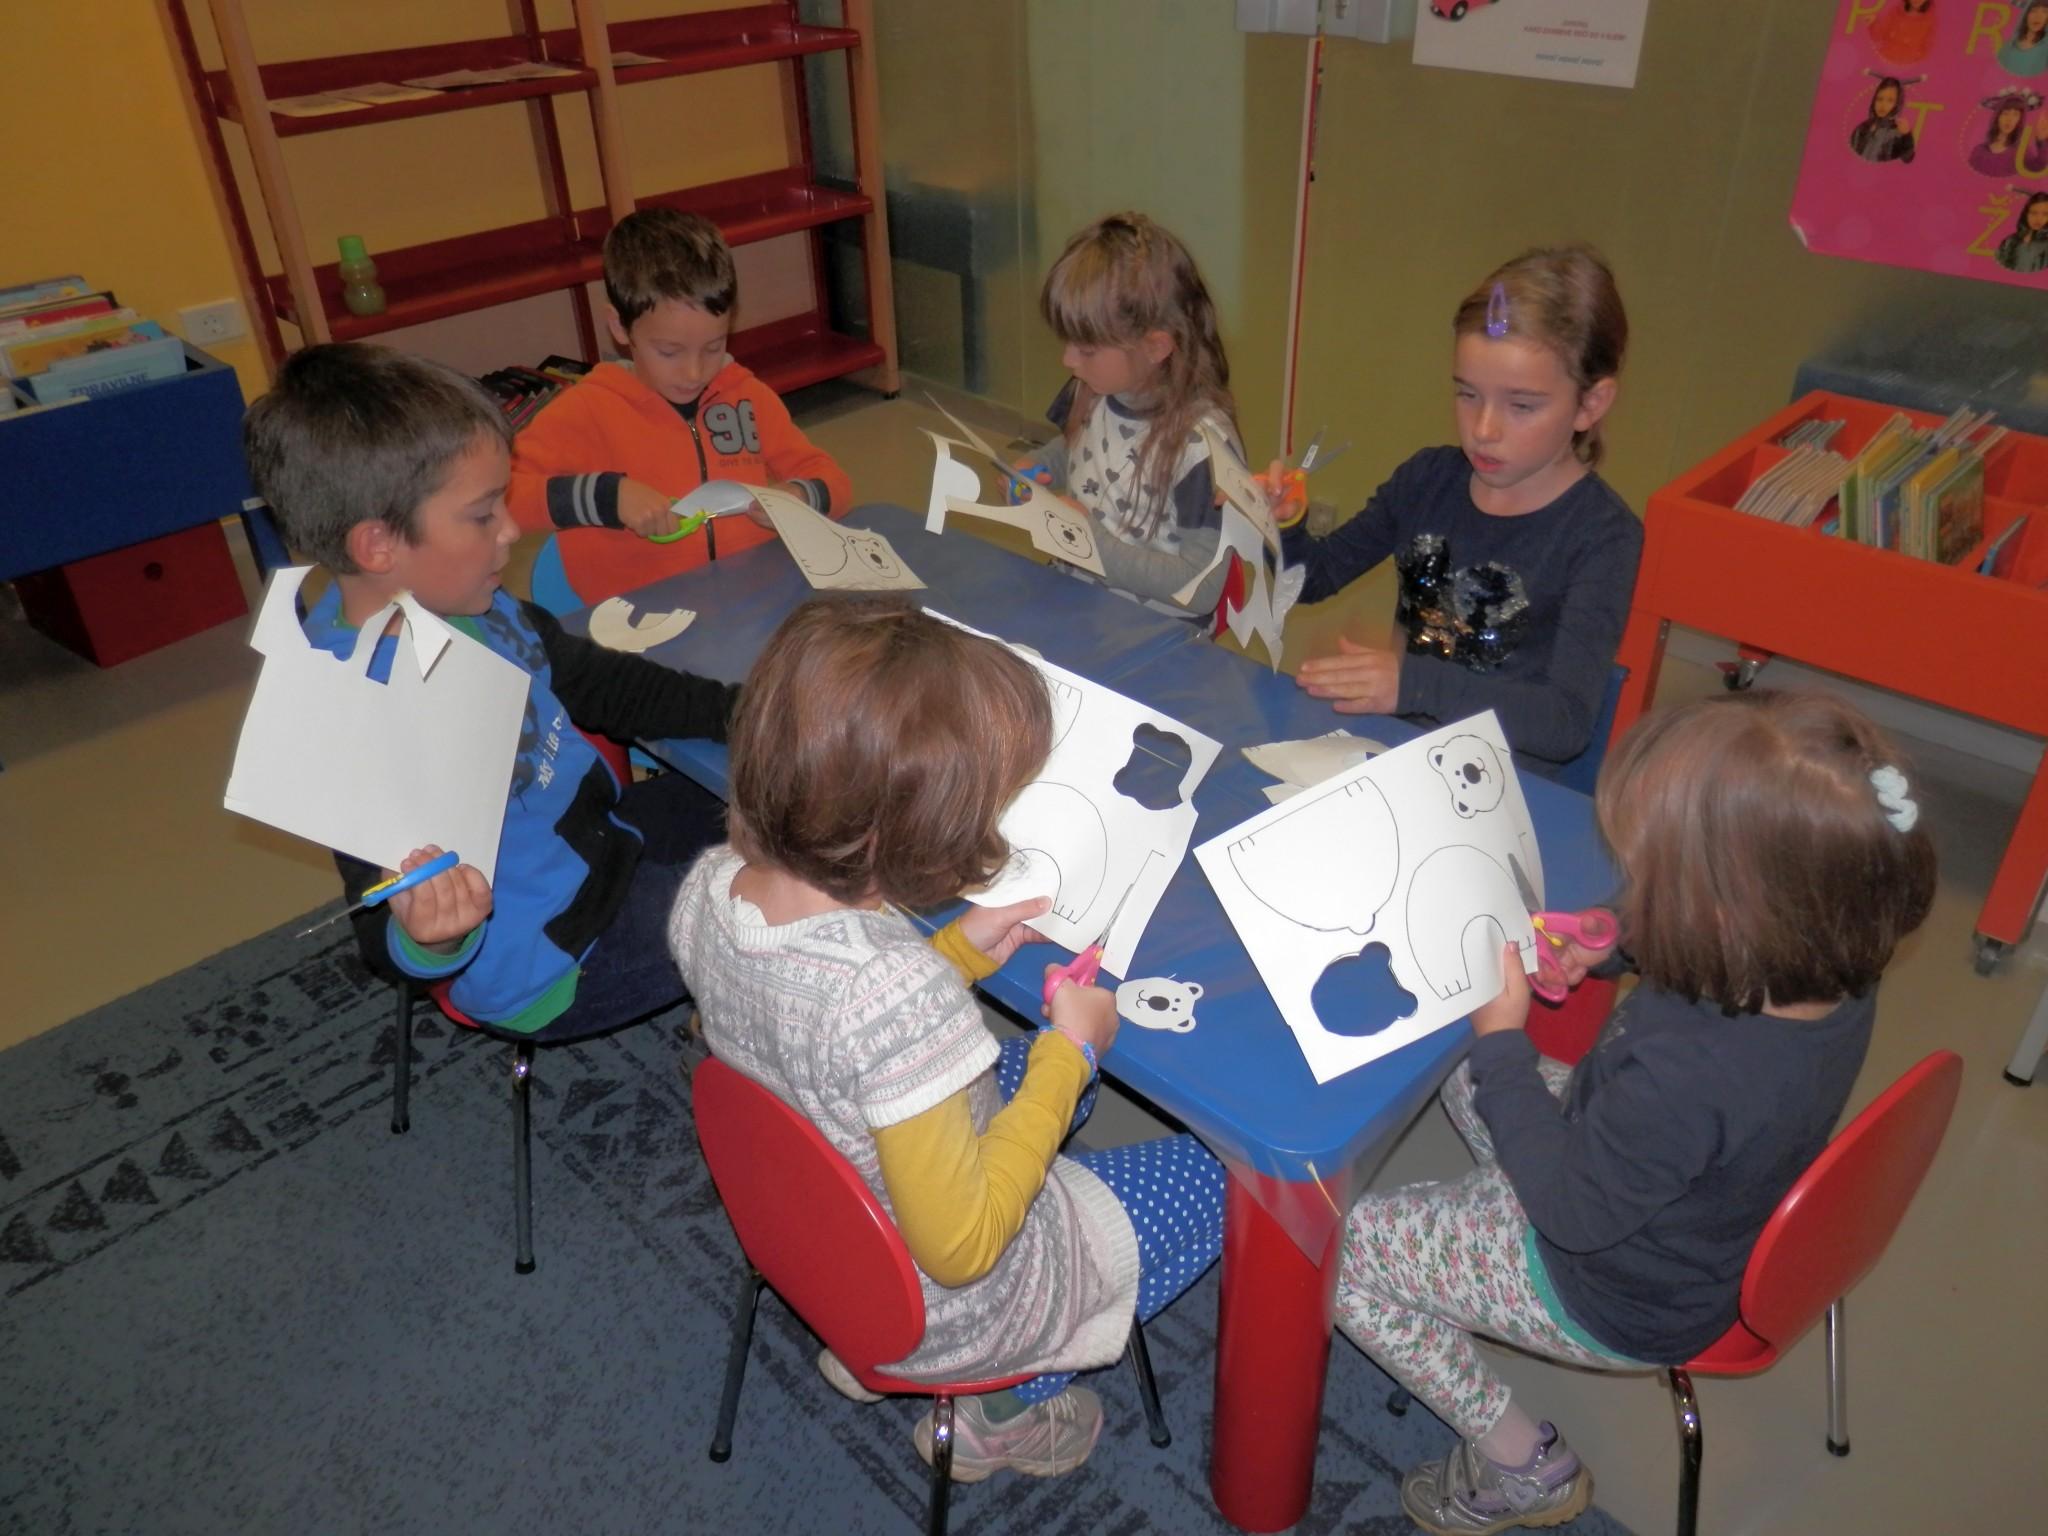 PB040018 - Pravljični listopad - pravljična urica z ustvarjalno delavnico za otroke od 4. leta dalje